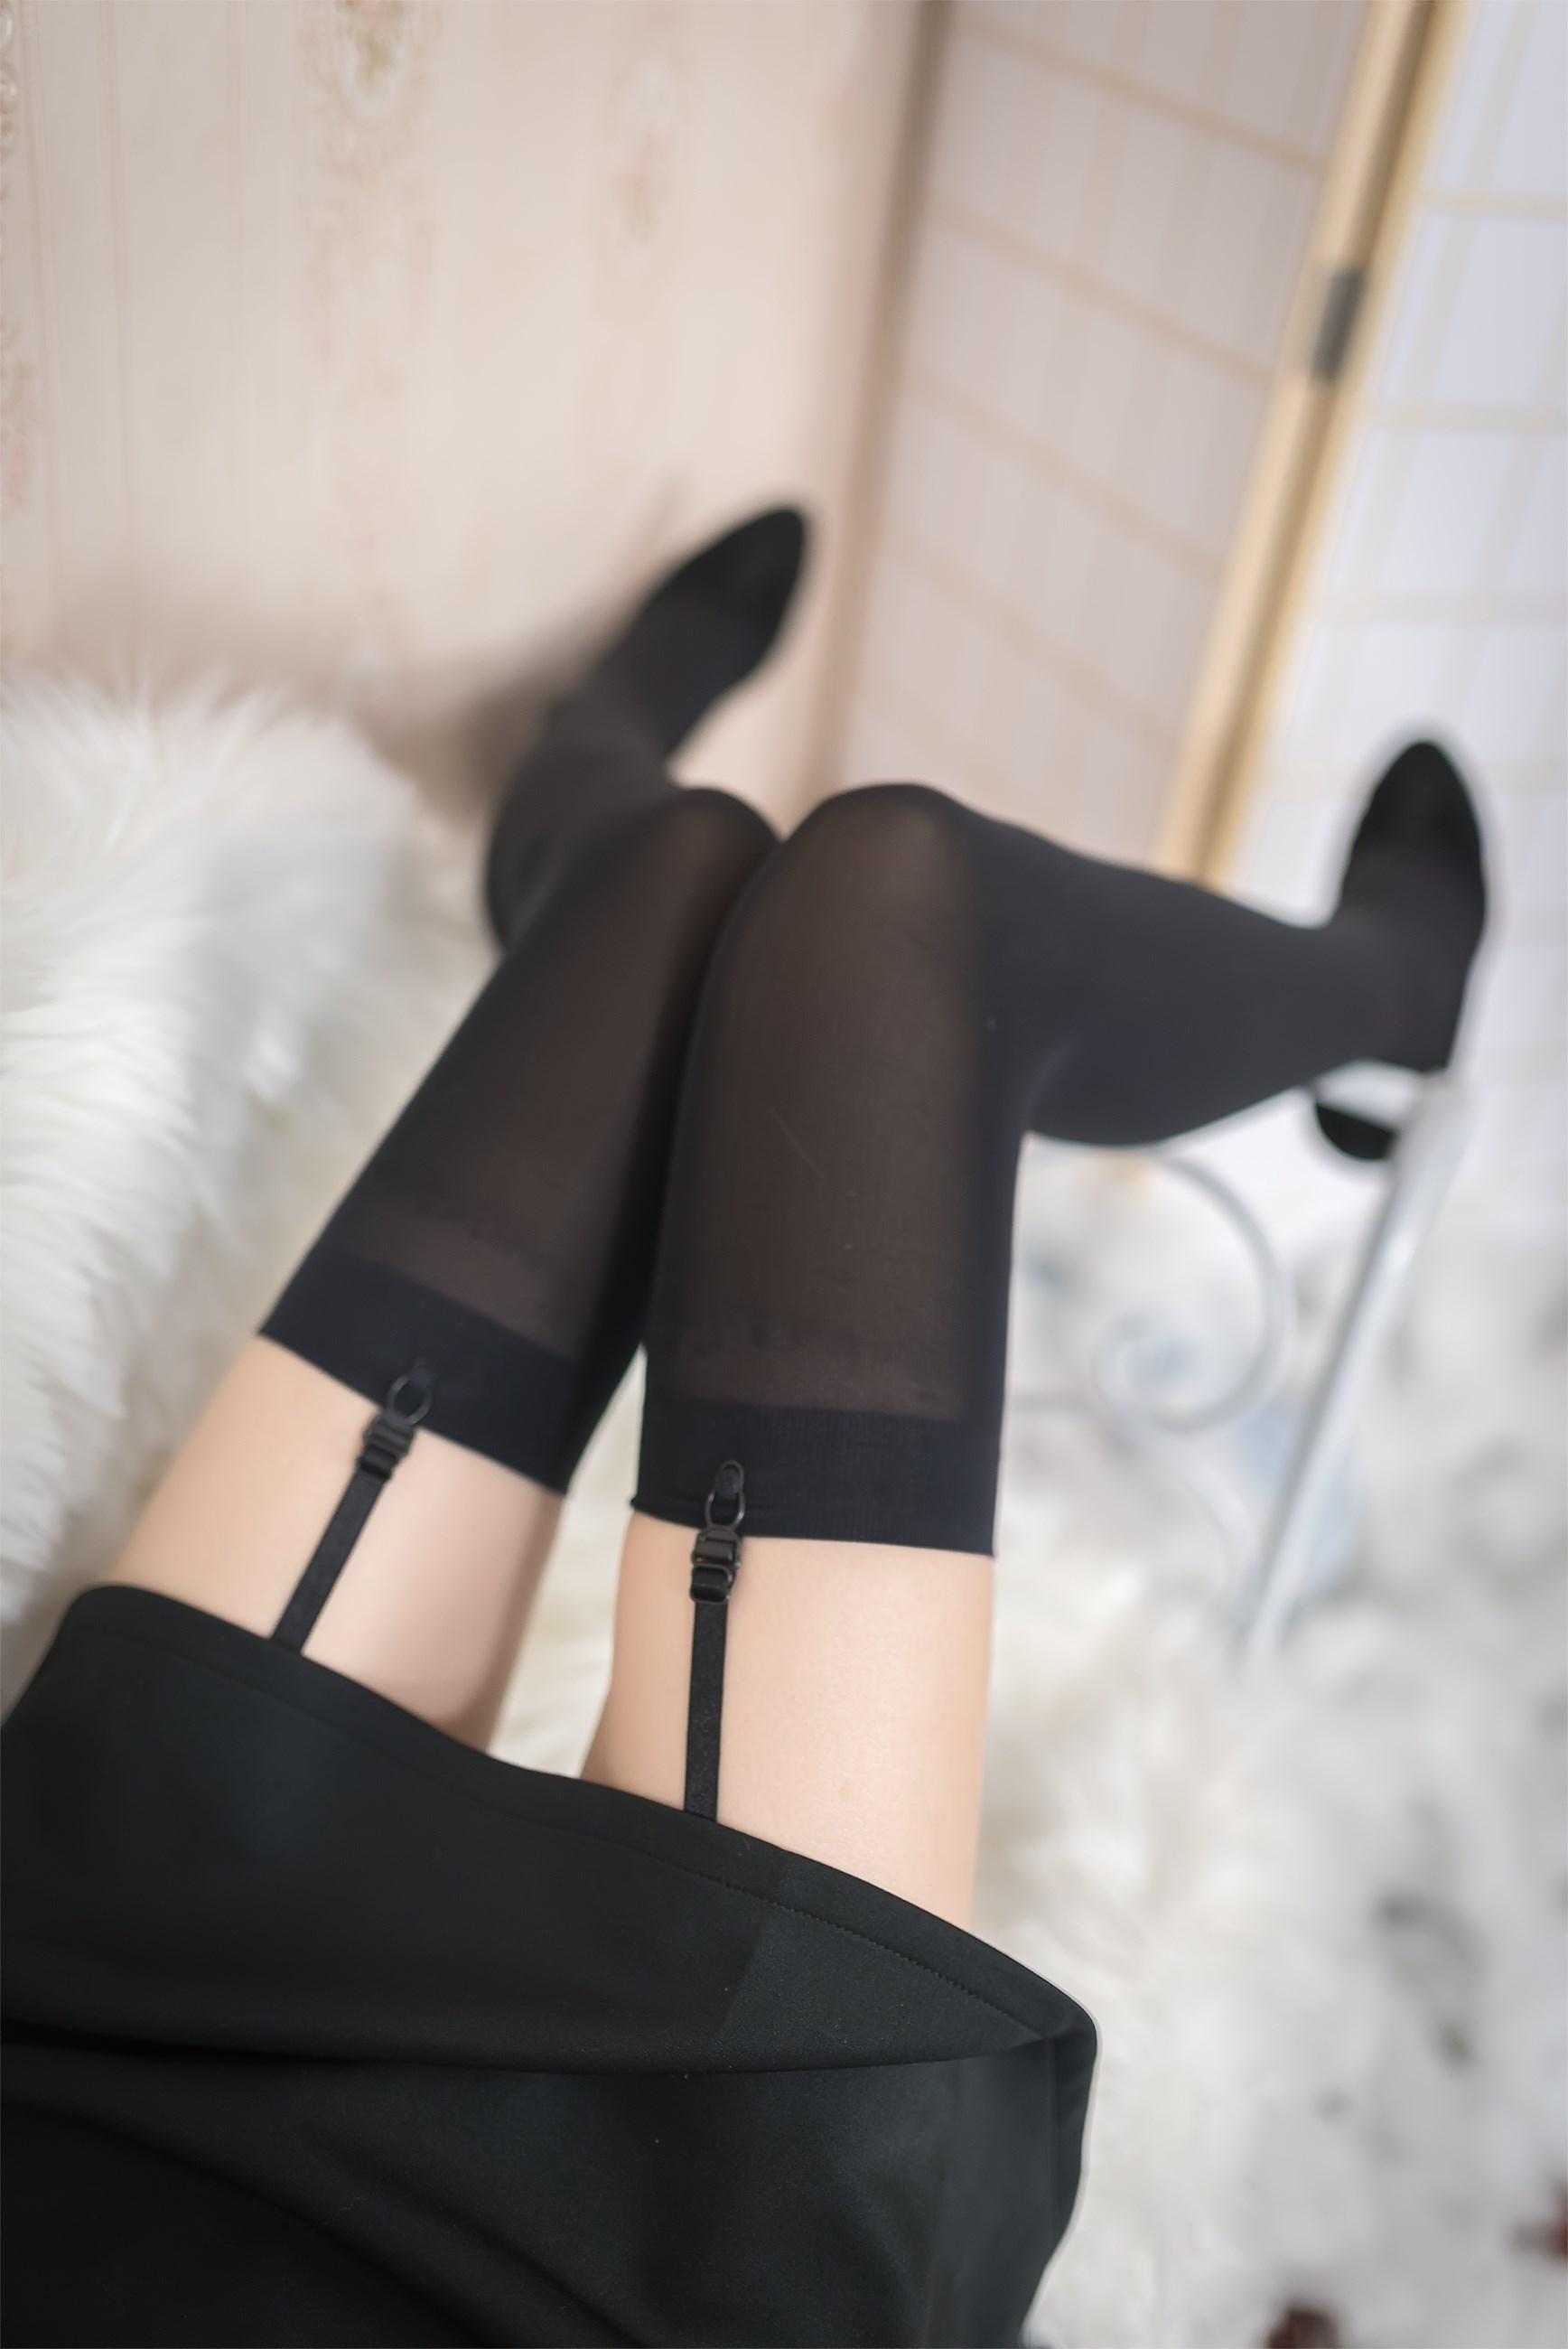 【兔玩映画】吊带 · 丝袜 · 天使 兔玩映画 第13张